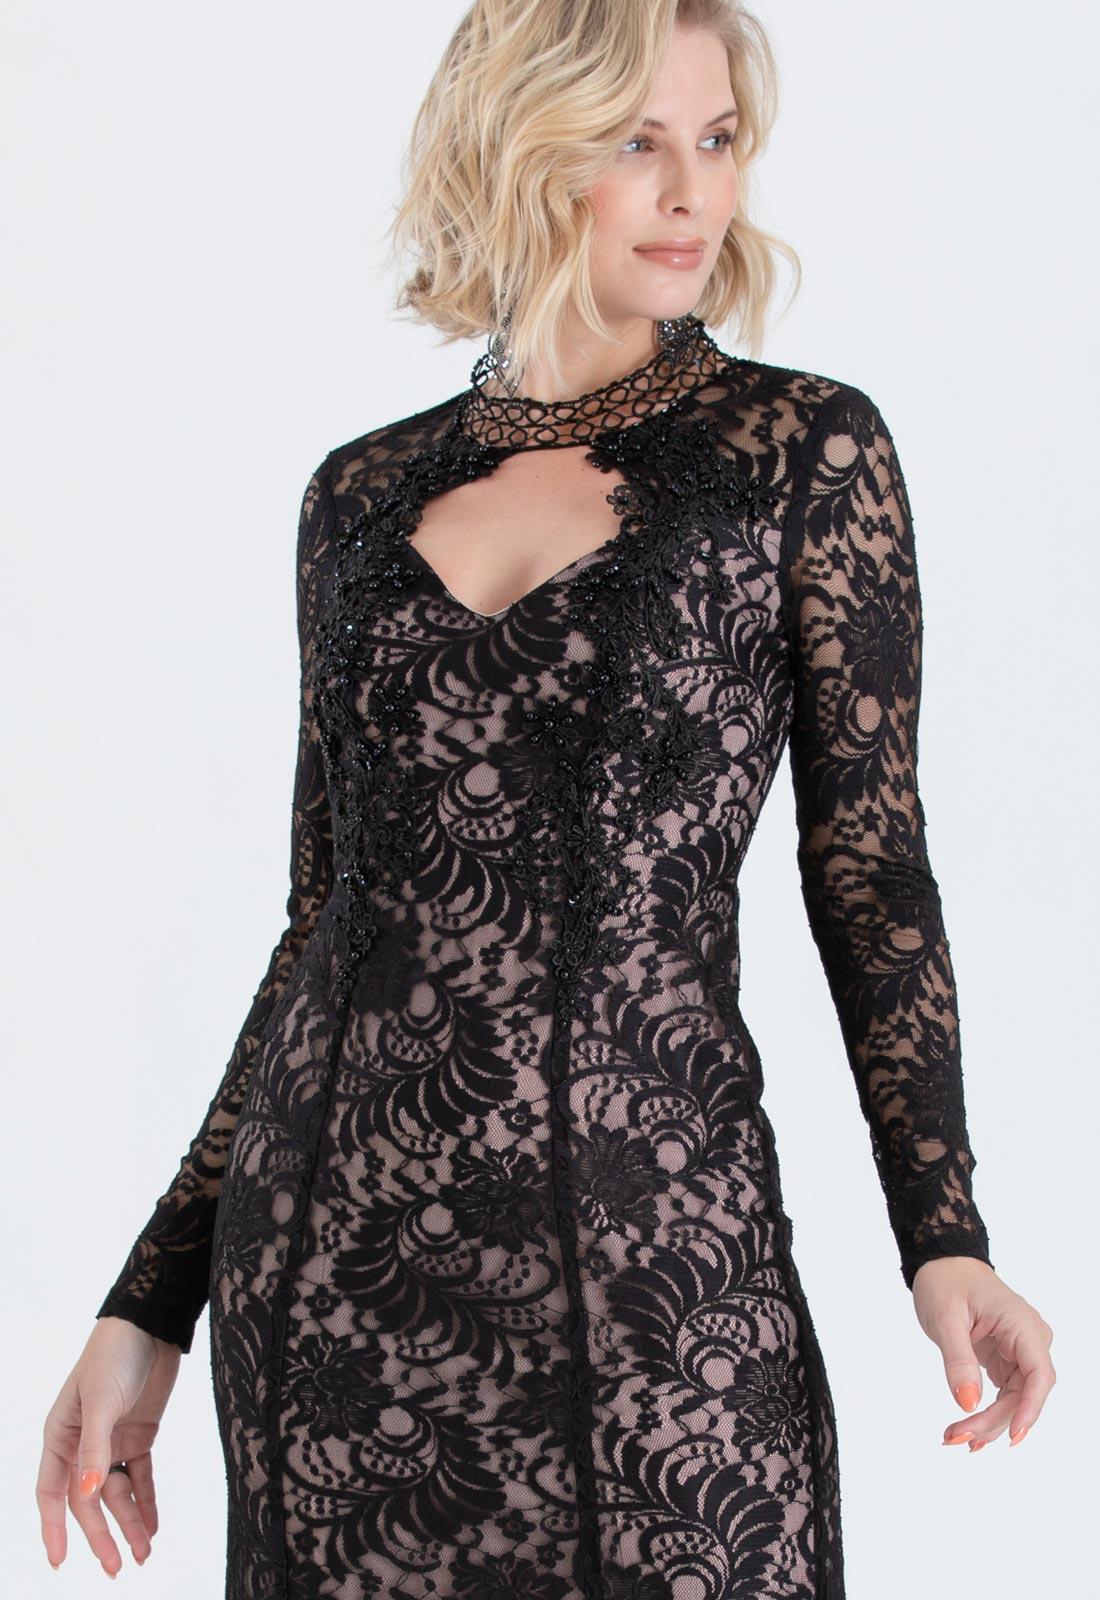 Vestido de festa em renda Preto com Nude Ref. 2424